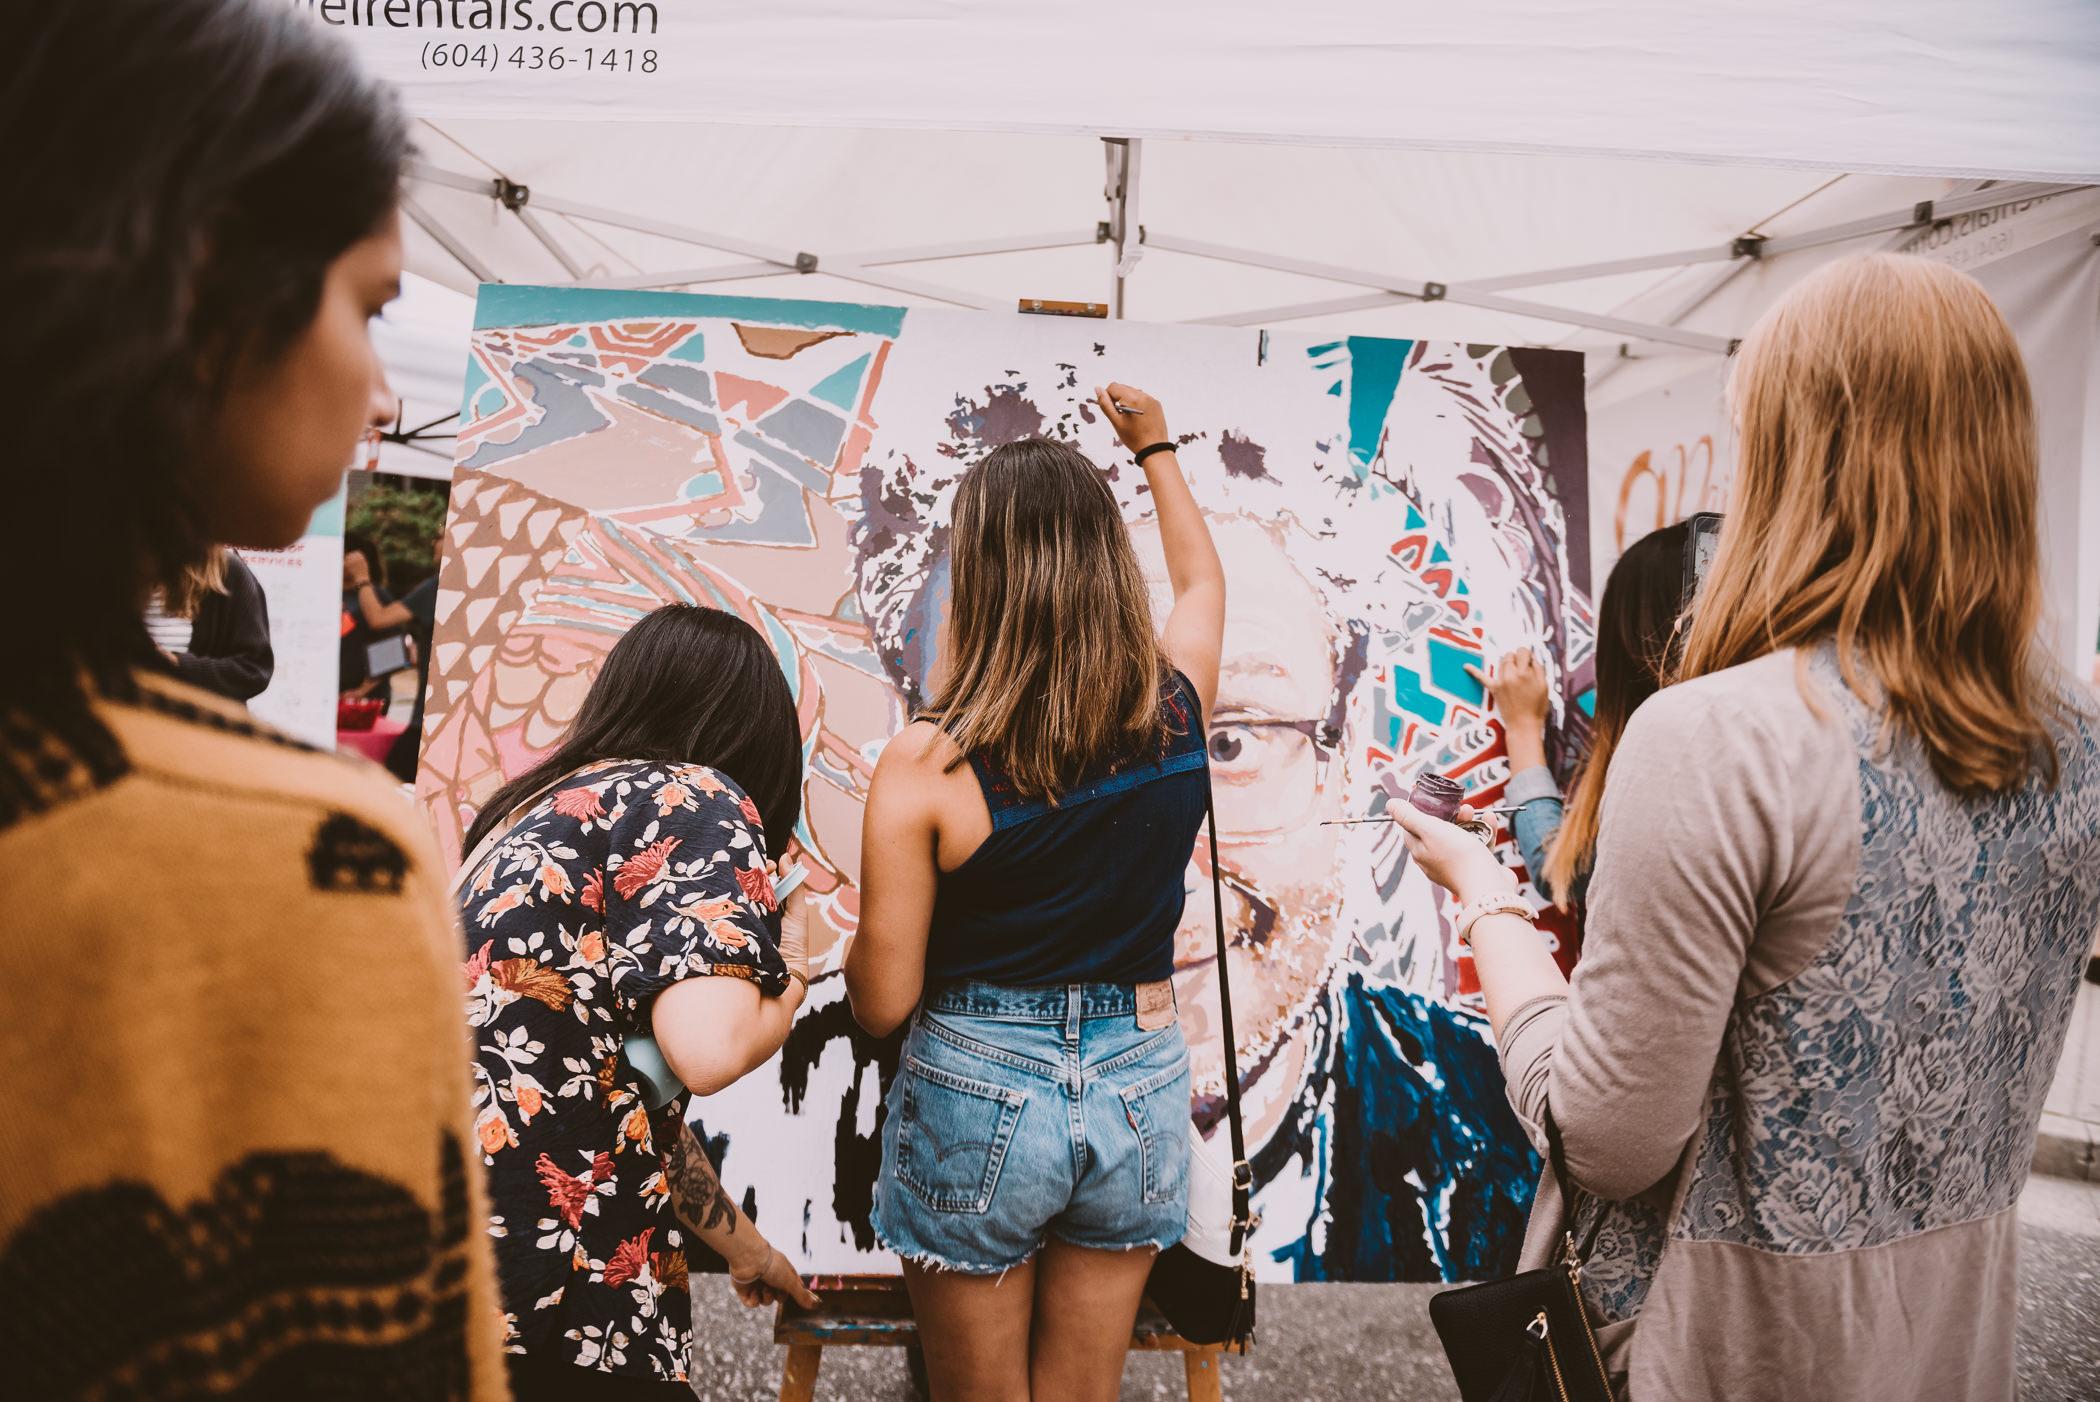 Vancouver_Mural_Fest-Do604-Timothy_Nguyen-20180811-141.jpg